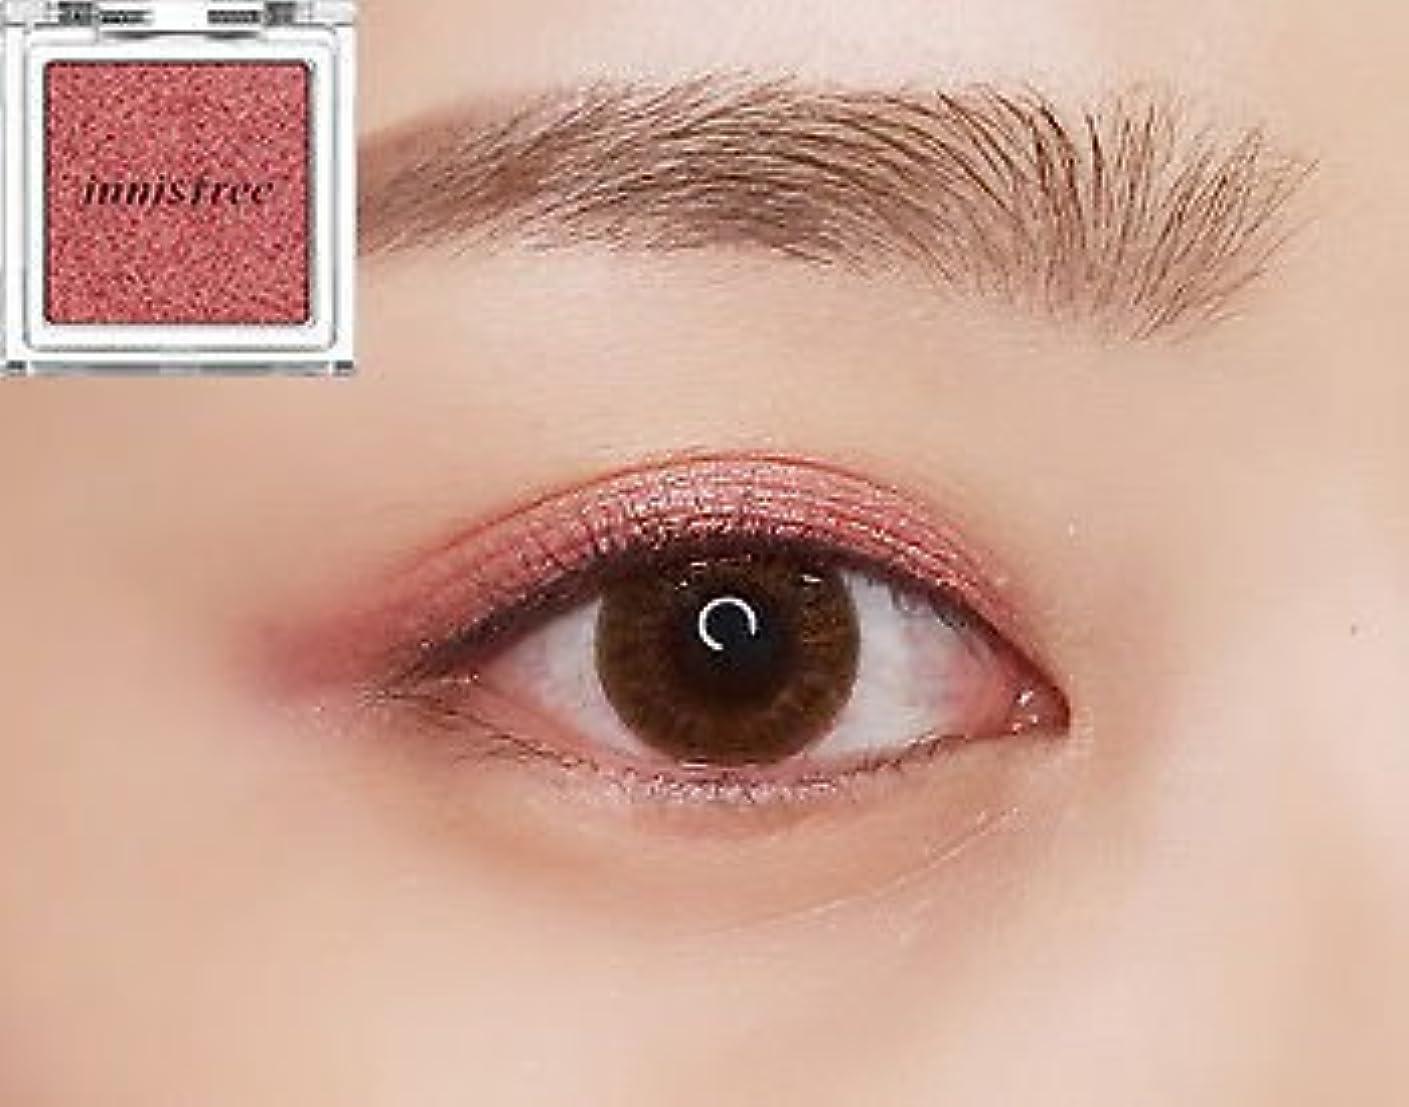 休憩六月離れた[イニスフリー] innisfree [マイ パレット マイ アイシャドウ (グリッタ一) 25カラー] MY PALETTE My Eyeshadow (Glitter) 25 Shades [海外直送品] (グリッタ一 #14)